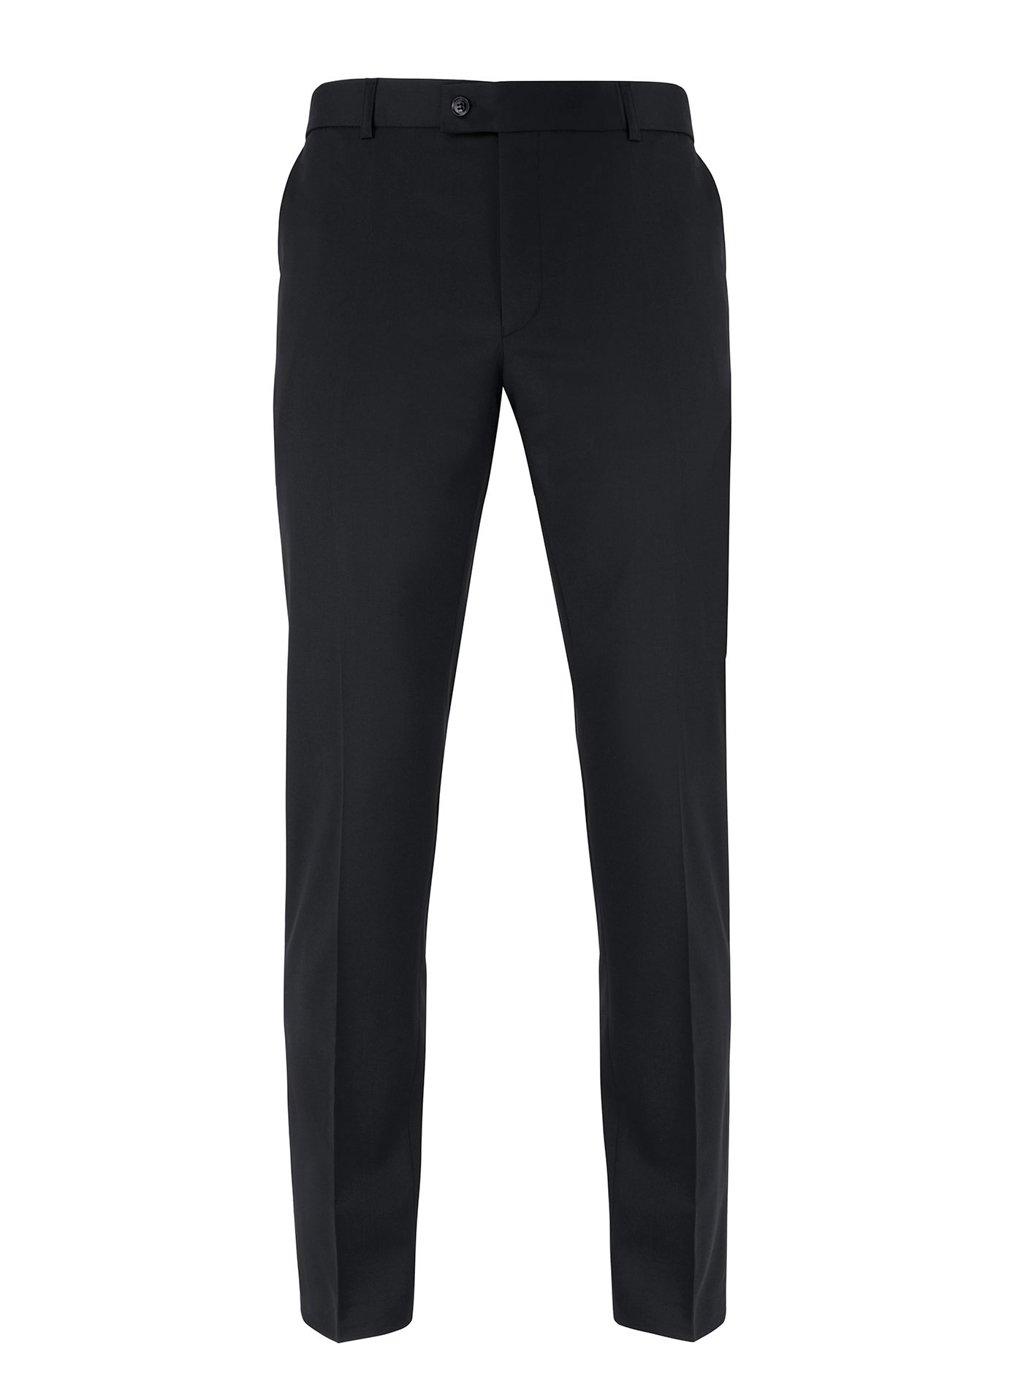 Spodnie męskie garniturowe ZENO PLM-6S-009-C